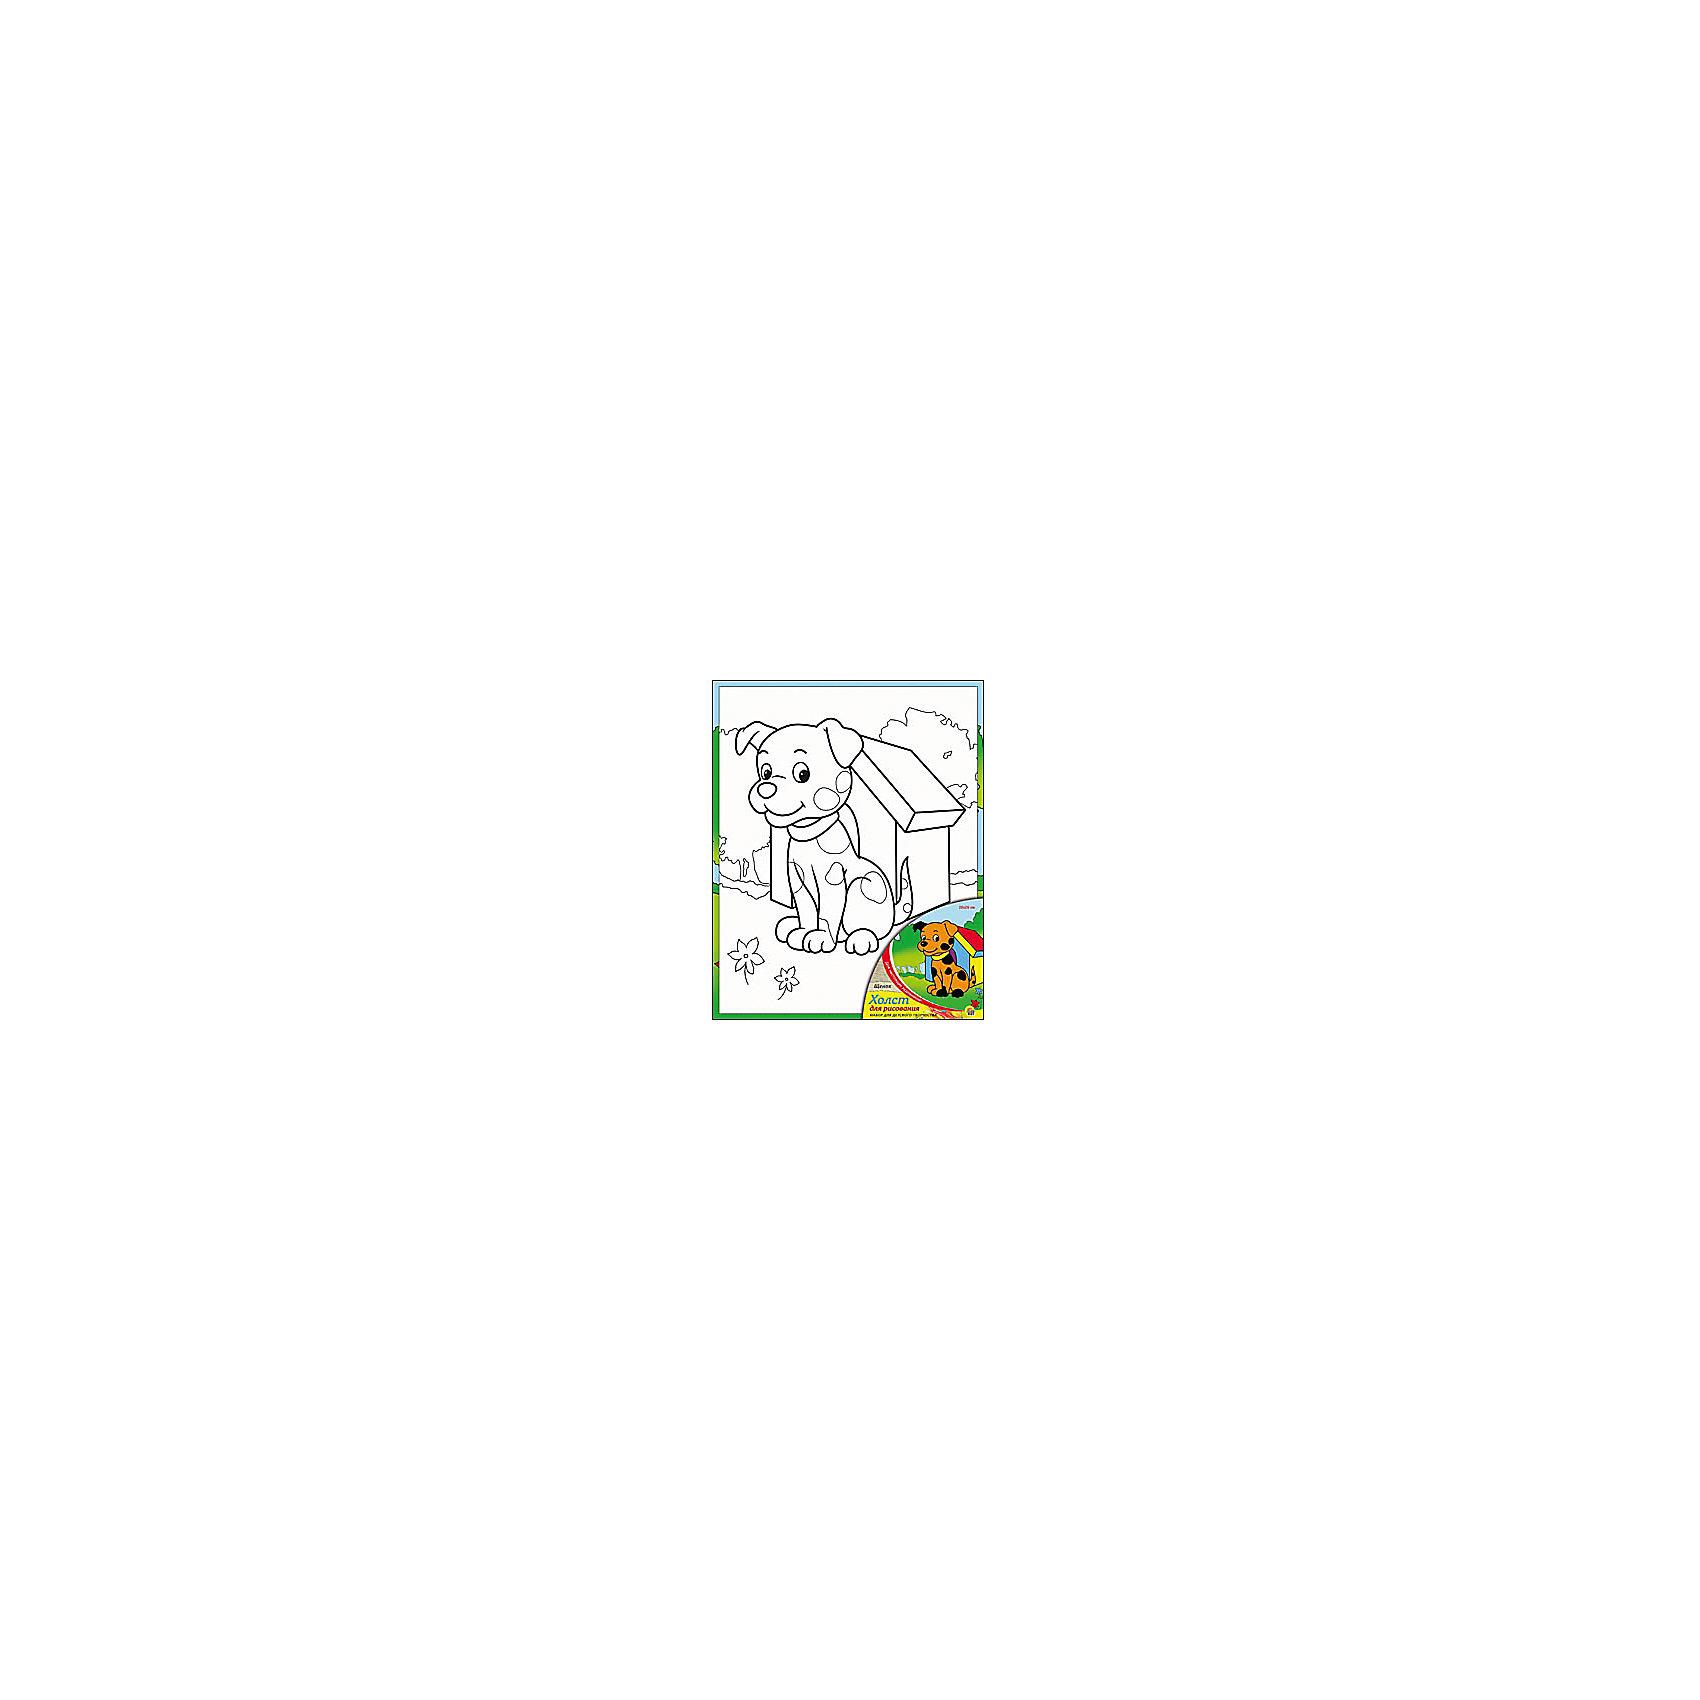 Холст с красками Щенок, 20х25 смХолст с красками Щенок - прекрасный подарок детям, которые любят рисовать. В наборе вы найдете всё, что нужно для детского творчества: холст с эскизом, яркие краски и кисточка. Готовую картинку можно подарить друзьям или украсить свою комнату!<br><br>Дополнительная информация:<br>В наборе: холст-эскиз, 7 акриловых красок, кисточка<br>Размер: 20х1,5х25 см<br>Вес: 210 грамм<br>Холст с красками Щенок можно купить в нашем интернет-магазине.<br><br>Ширина мм: 250<br>Глубина мм: 15<br>Высота мм: 200<br>Вес г: 210<br>Возраст от месяцев: 36<br>Возраст до месяцев: 120<br>Пол: Унисекс<br>Возраст: Детский<br>SKU: 4939524